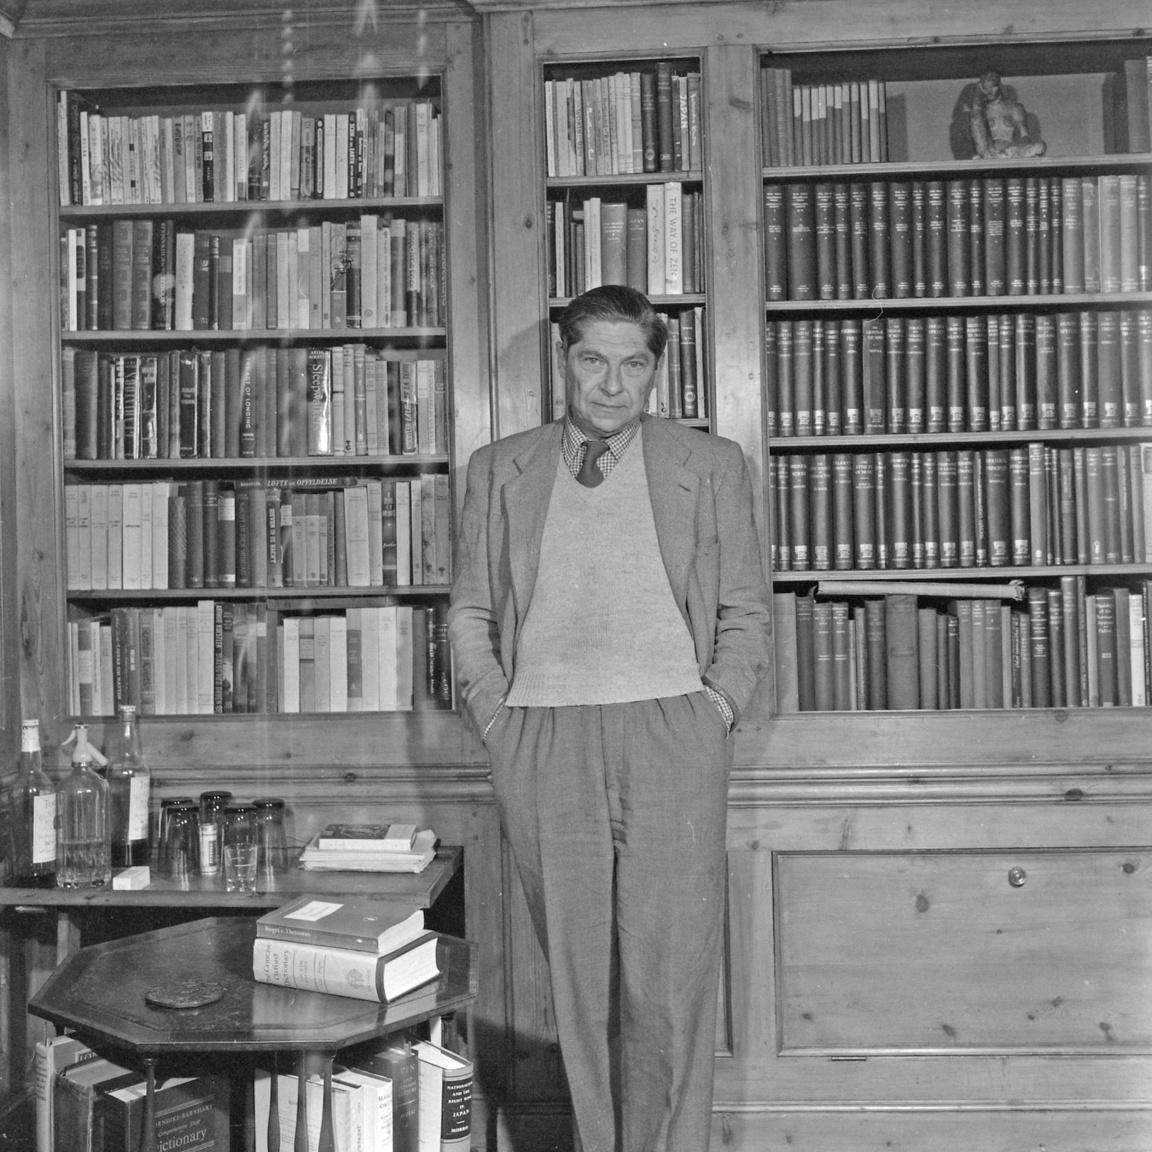 Arthur Koestler (1905-1983) londoni könyvtárszobájában. A világhírű Sötétség délben című regény szerzője Budapesten született, a többvariációs Keszler, Köszler, Kösztler nevekből egy Teleki téren beszerzett ékezettelen írógépnek köszönhetően lett Koestler. Élete és halála kész regény.